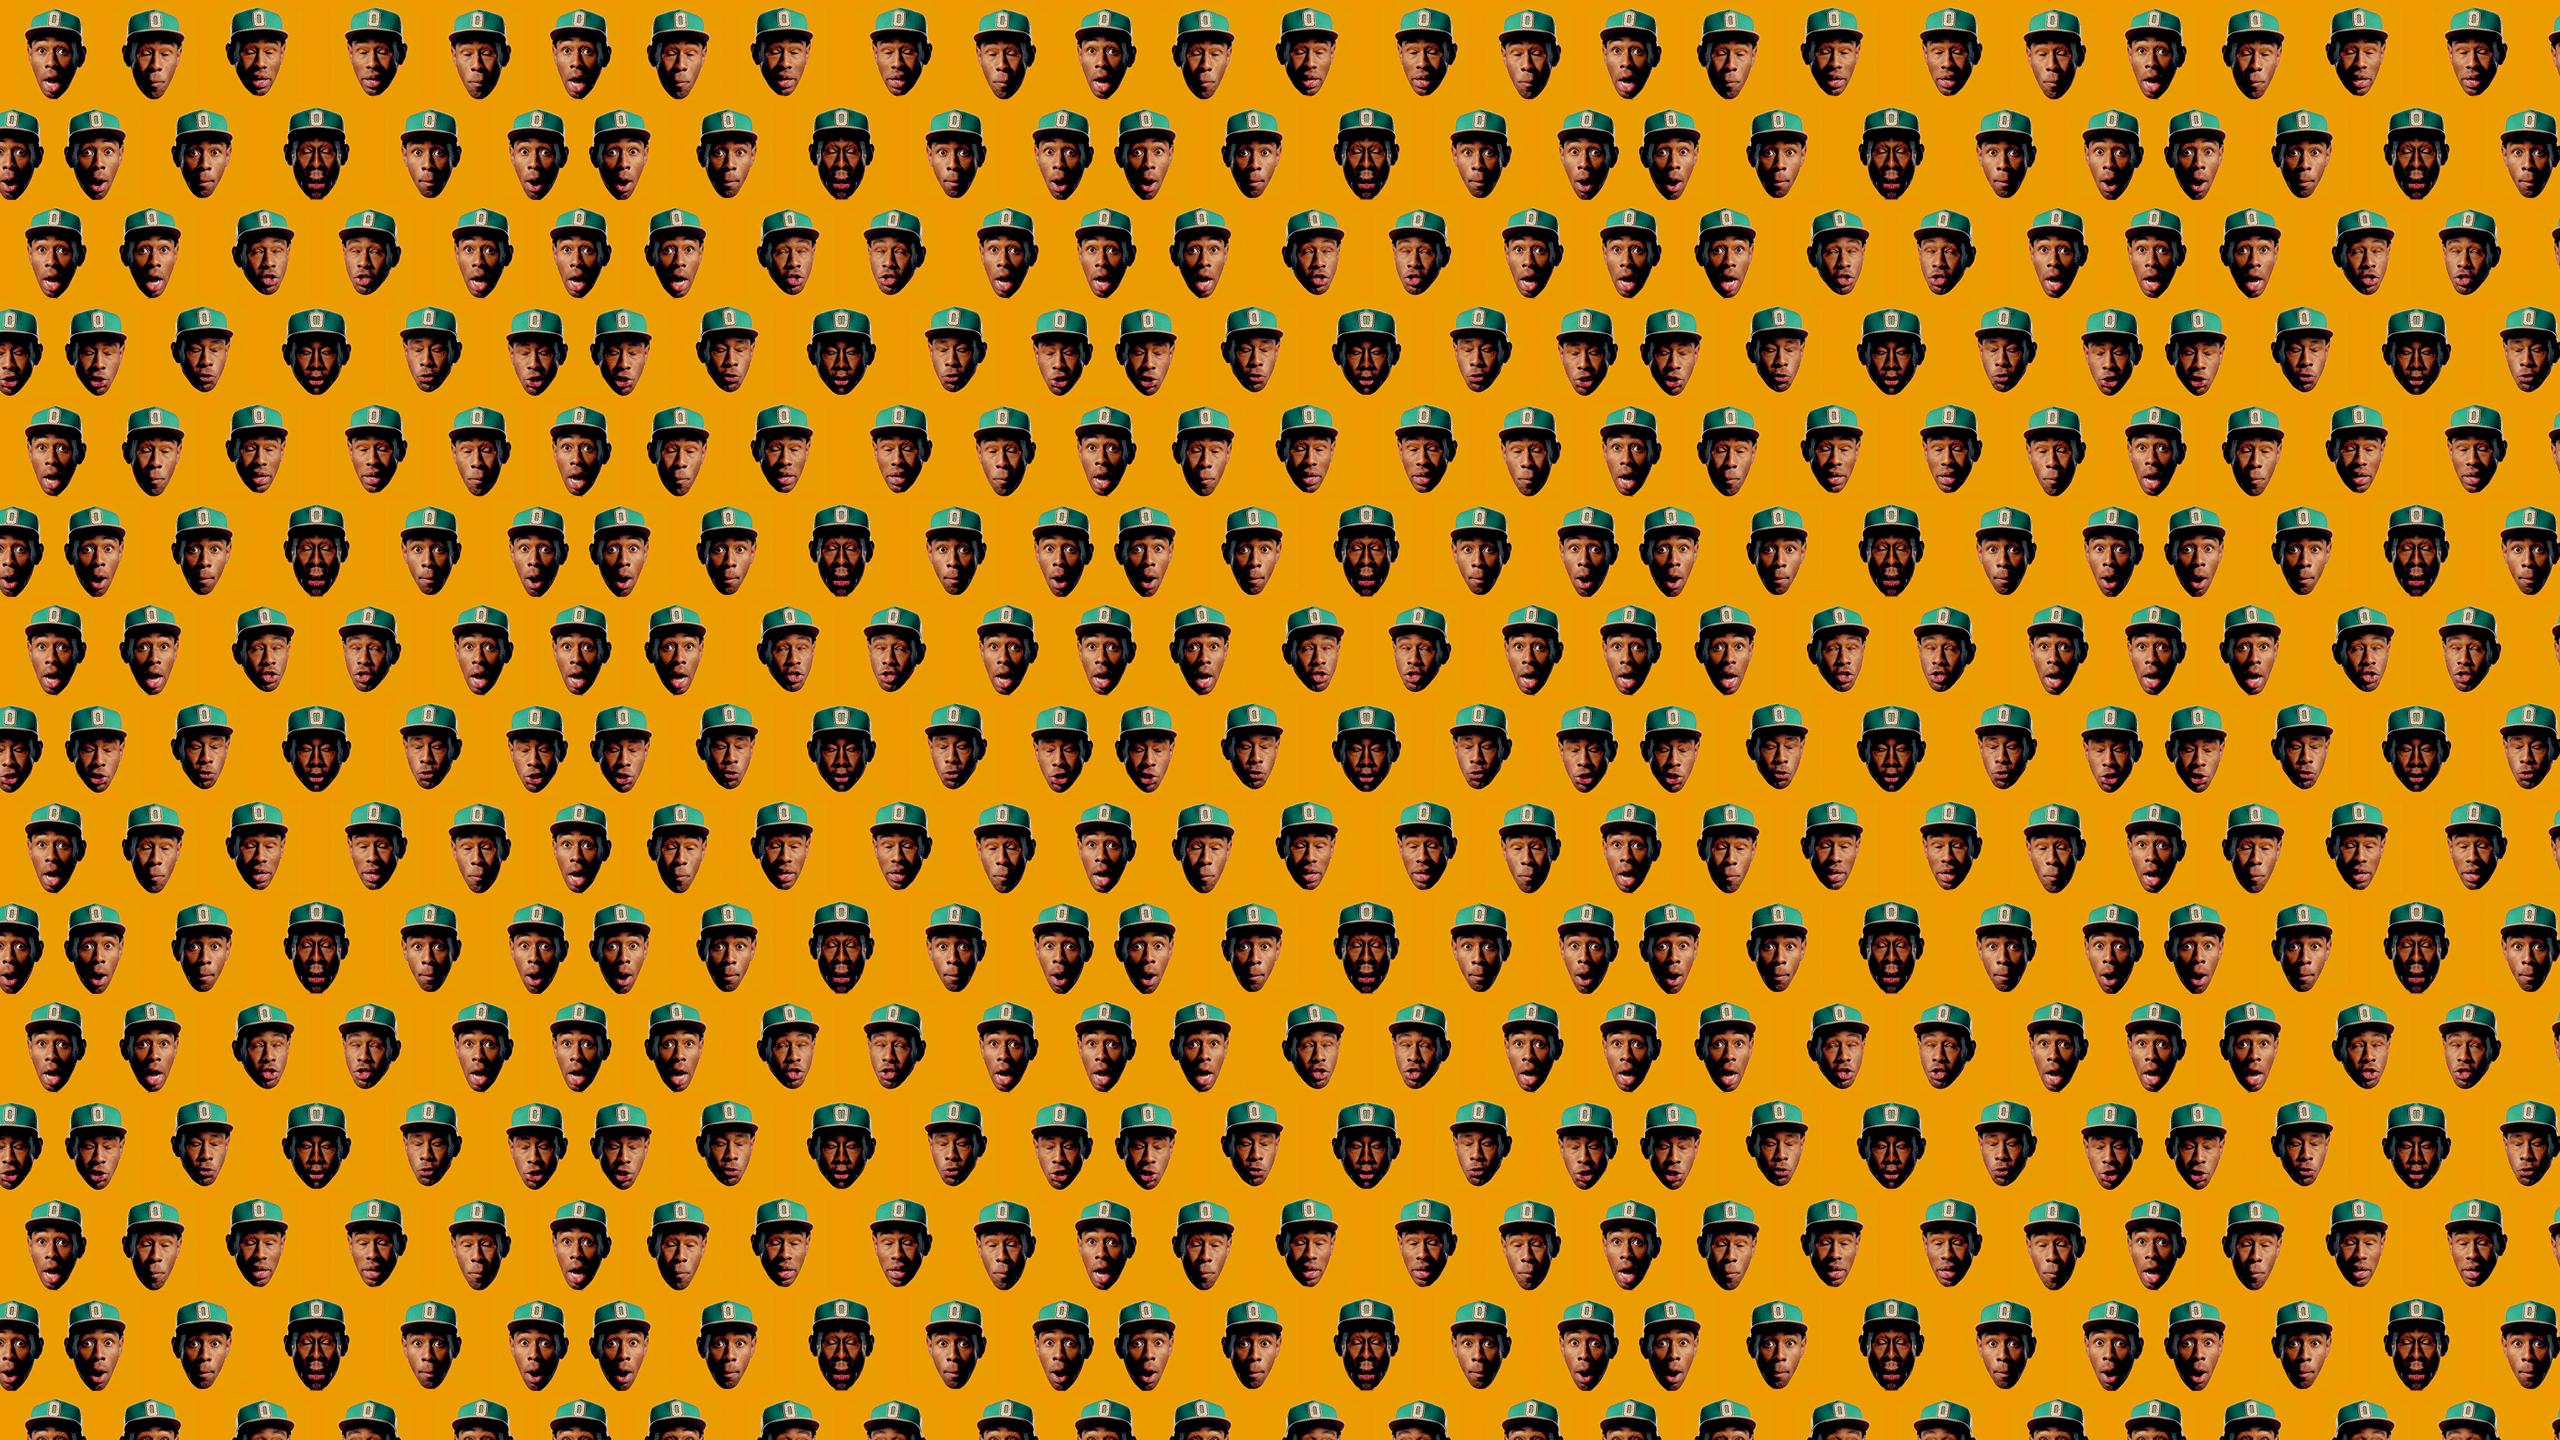 1280x1024 Odd Future Wallpaper